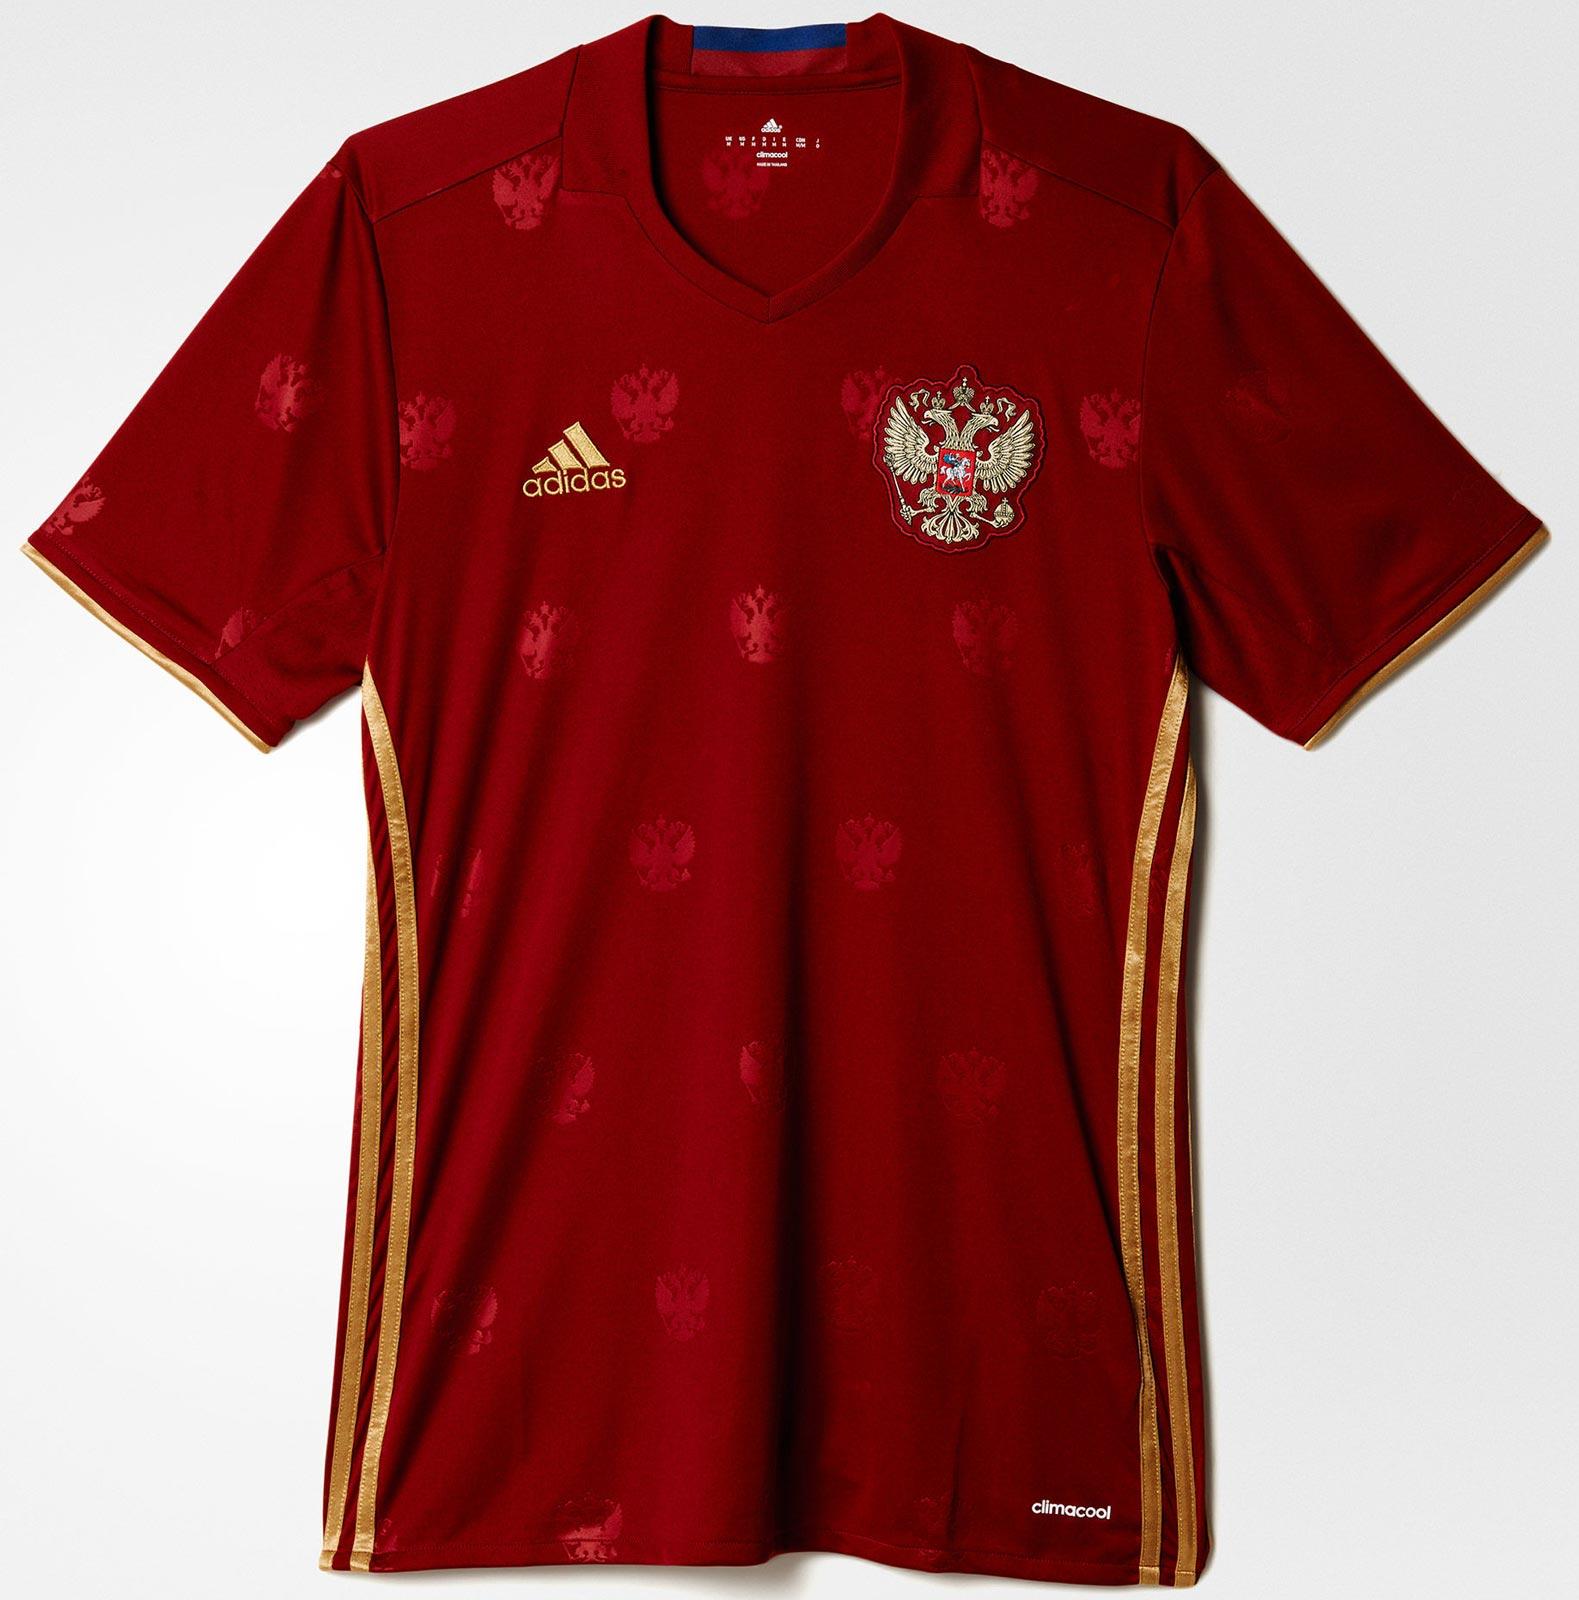 Adidas apresenta nova camisa titular da Rússia - Show de Camisas ead61f51780bb